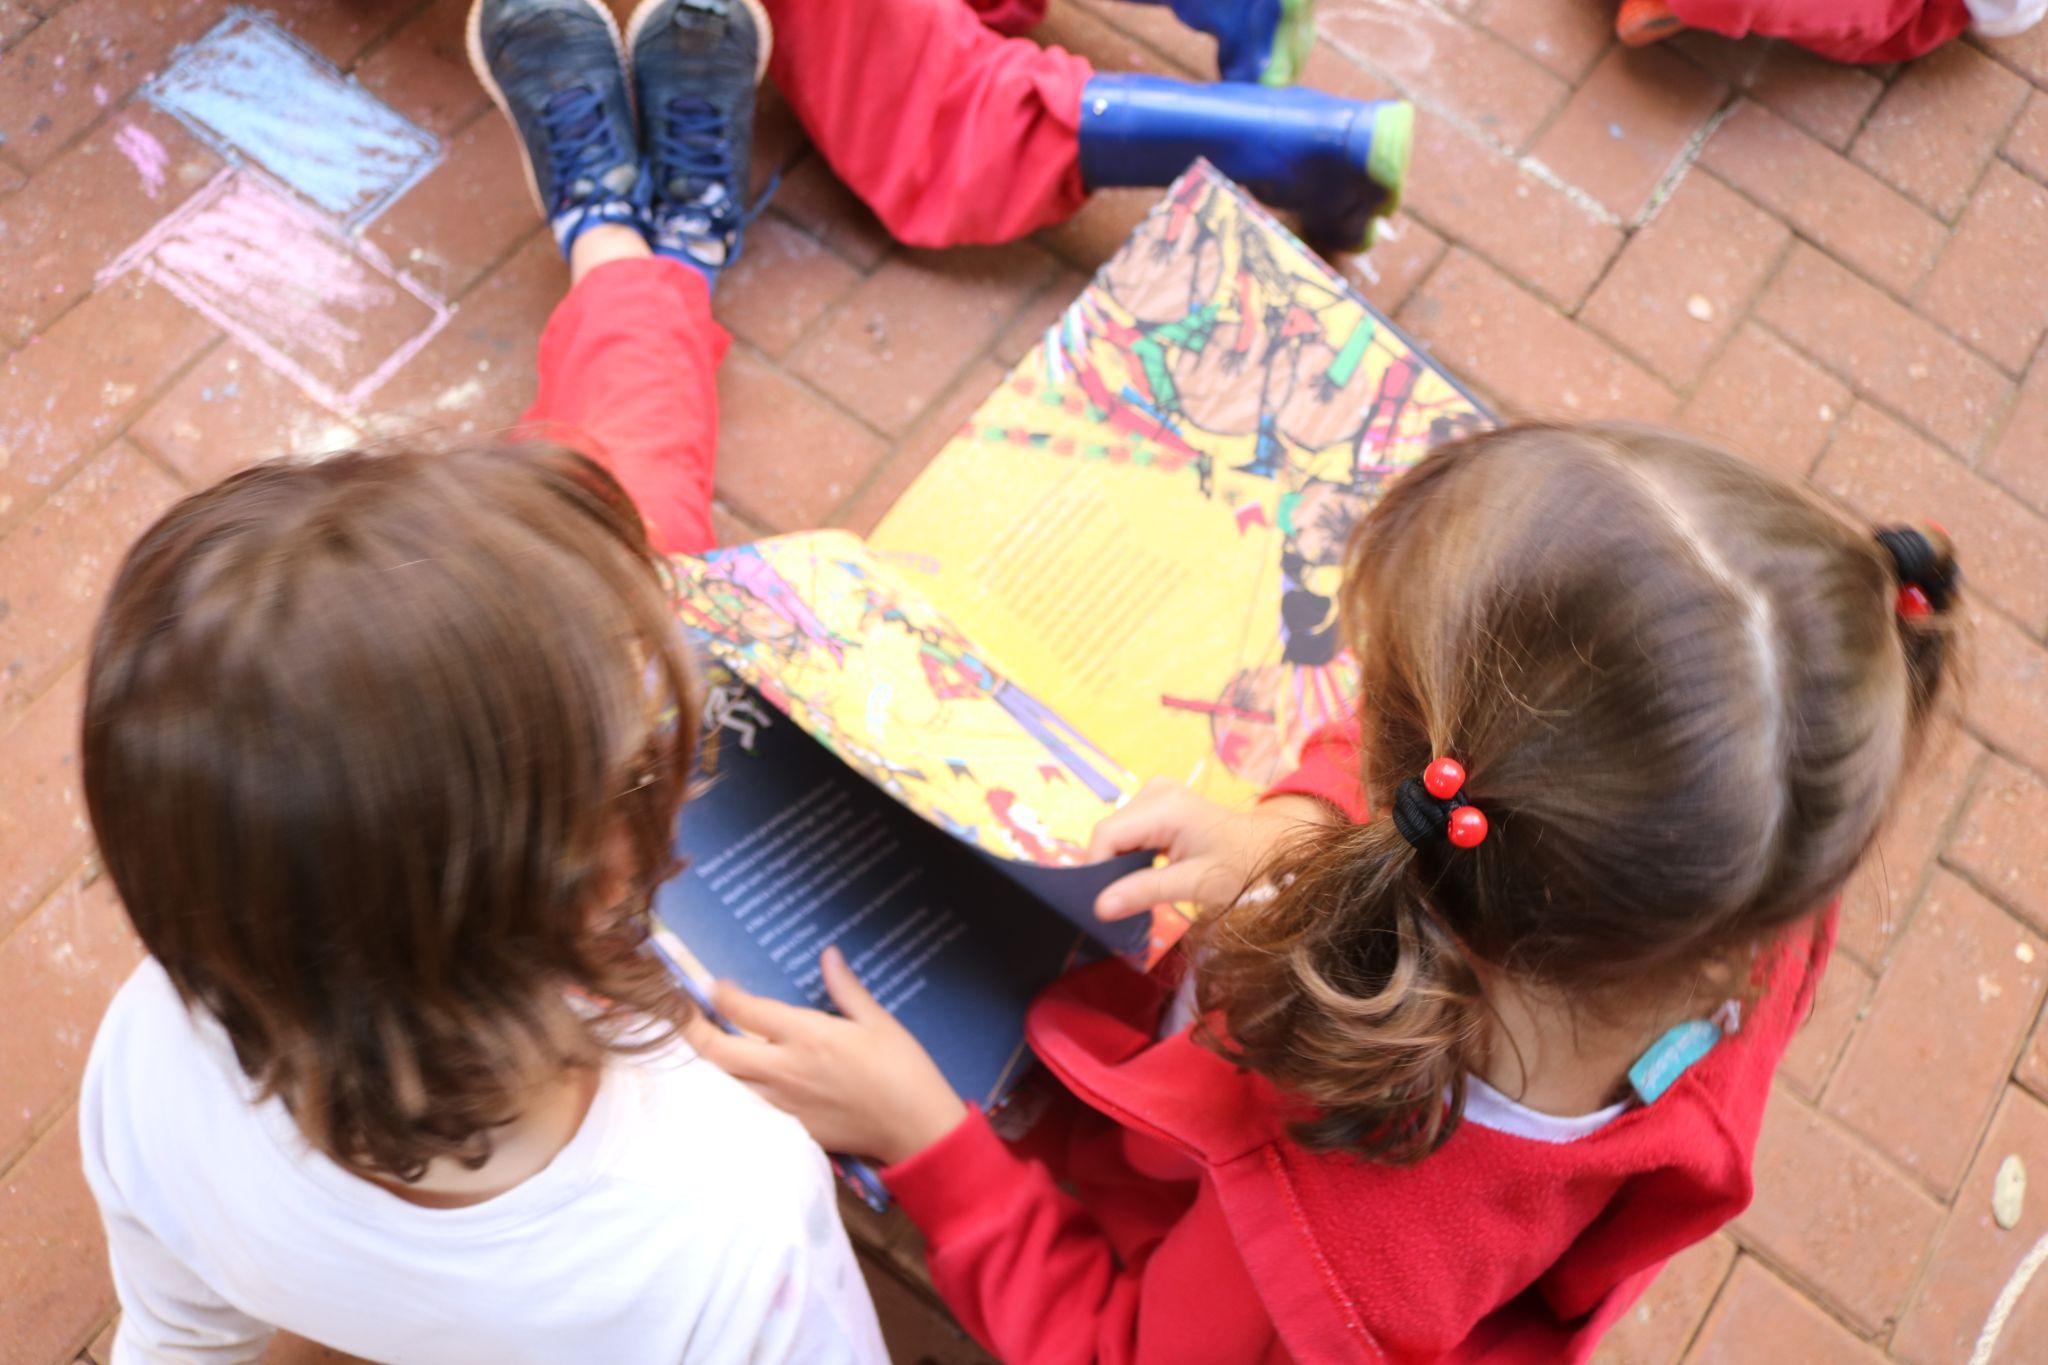 A imagem mostra duas crianças lendo um livro.